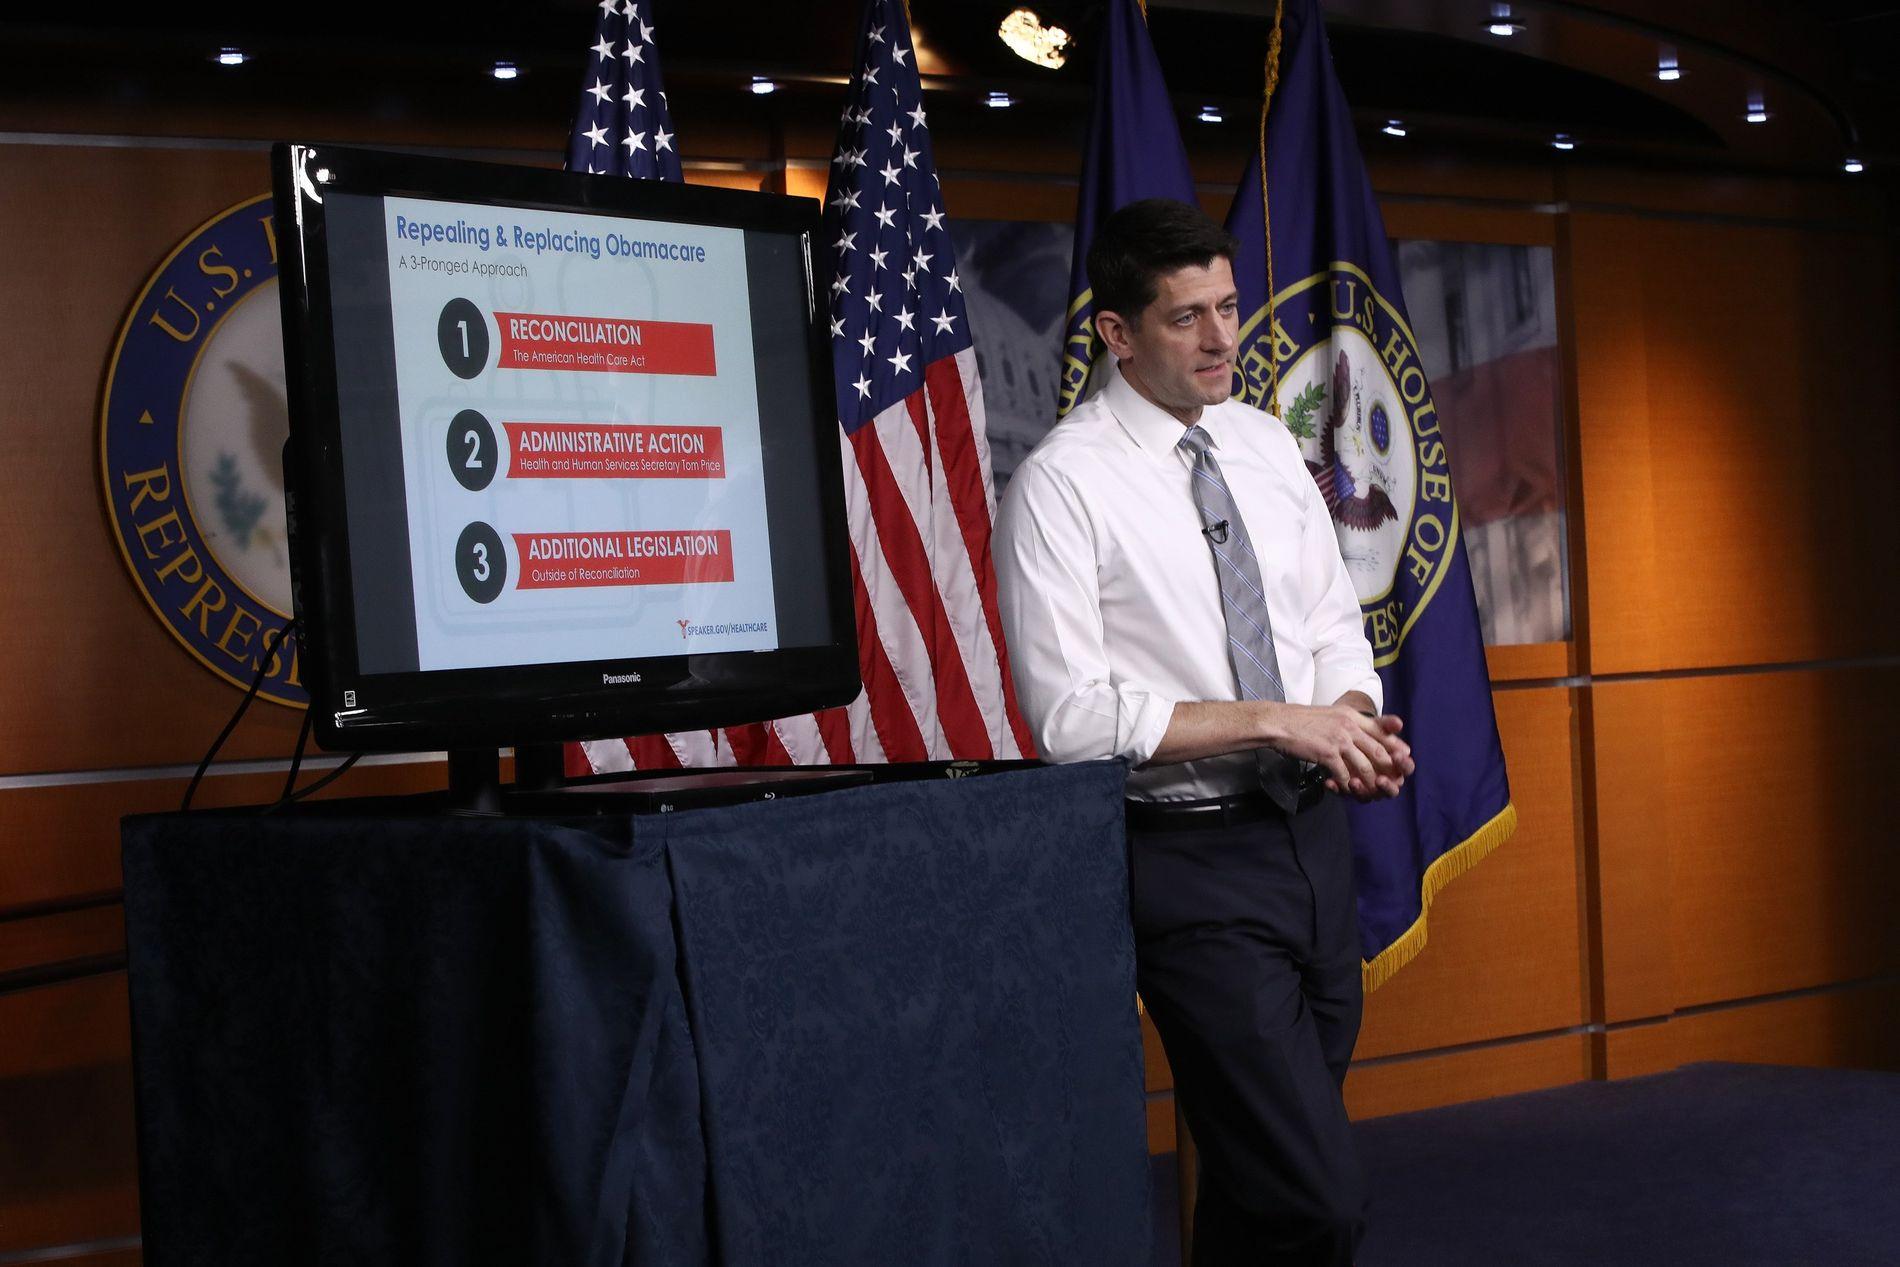 ERSTATTER OBAMACARE: Leder for republikanerne i Representantenes hus, Paul Ryan, forklarer republikanernes plan for å erstatte Obamacare. Nå kan det se ut som mange amerikanere får det vanskelig med den nye planen.